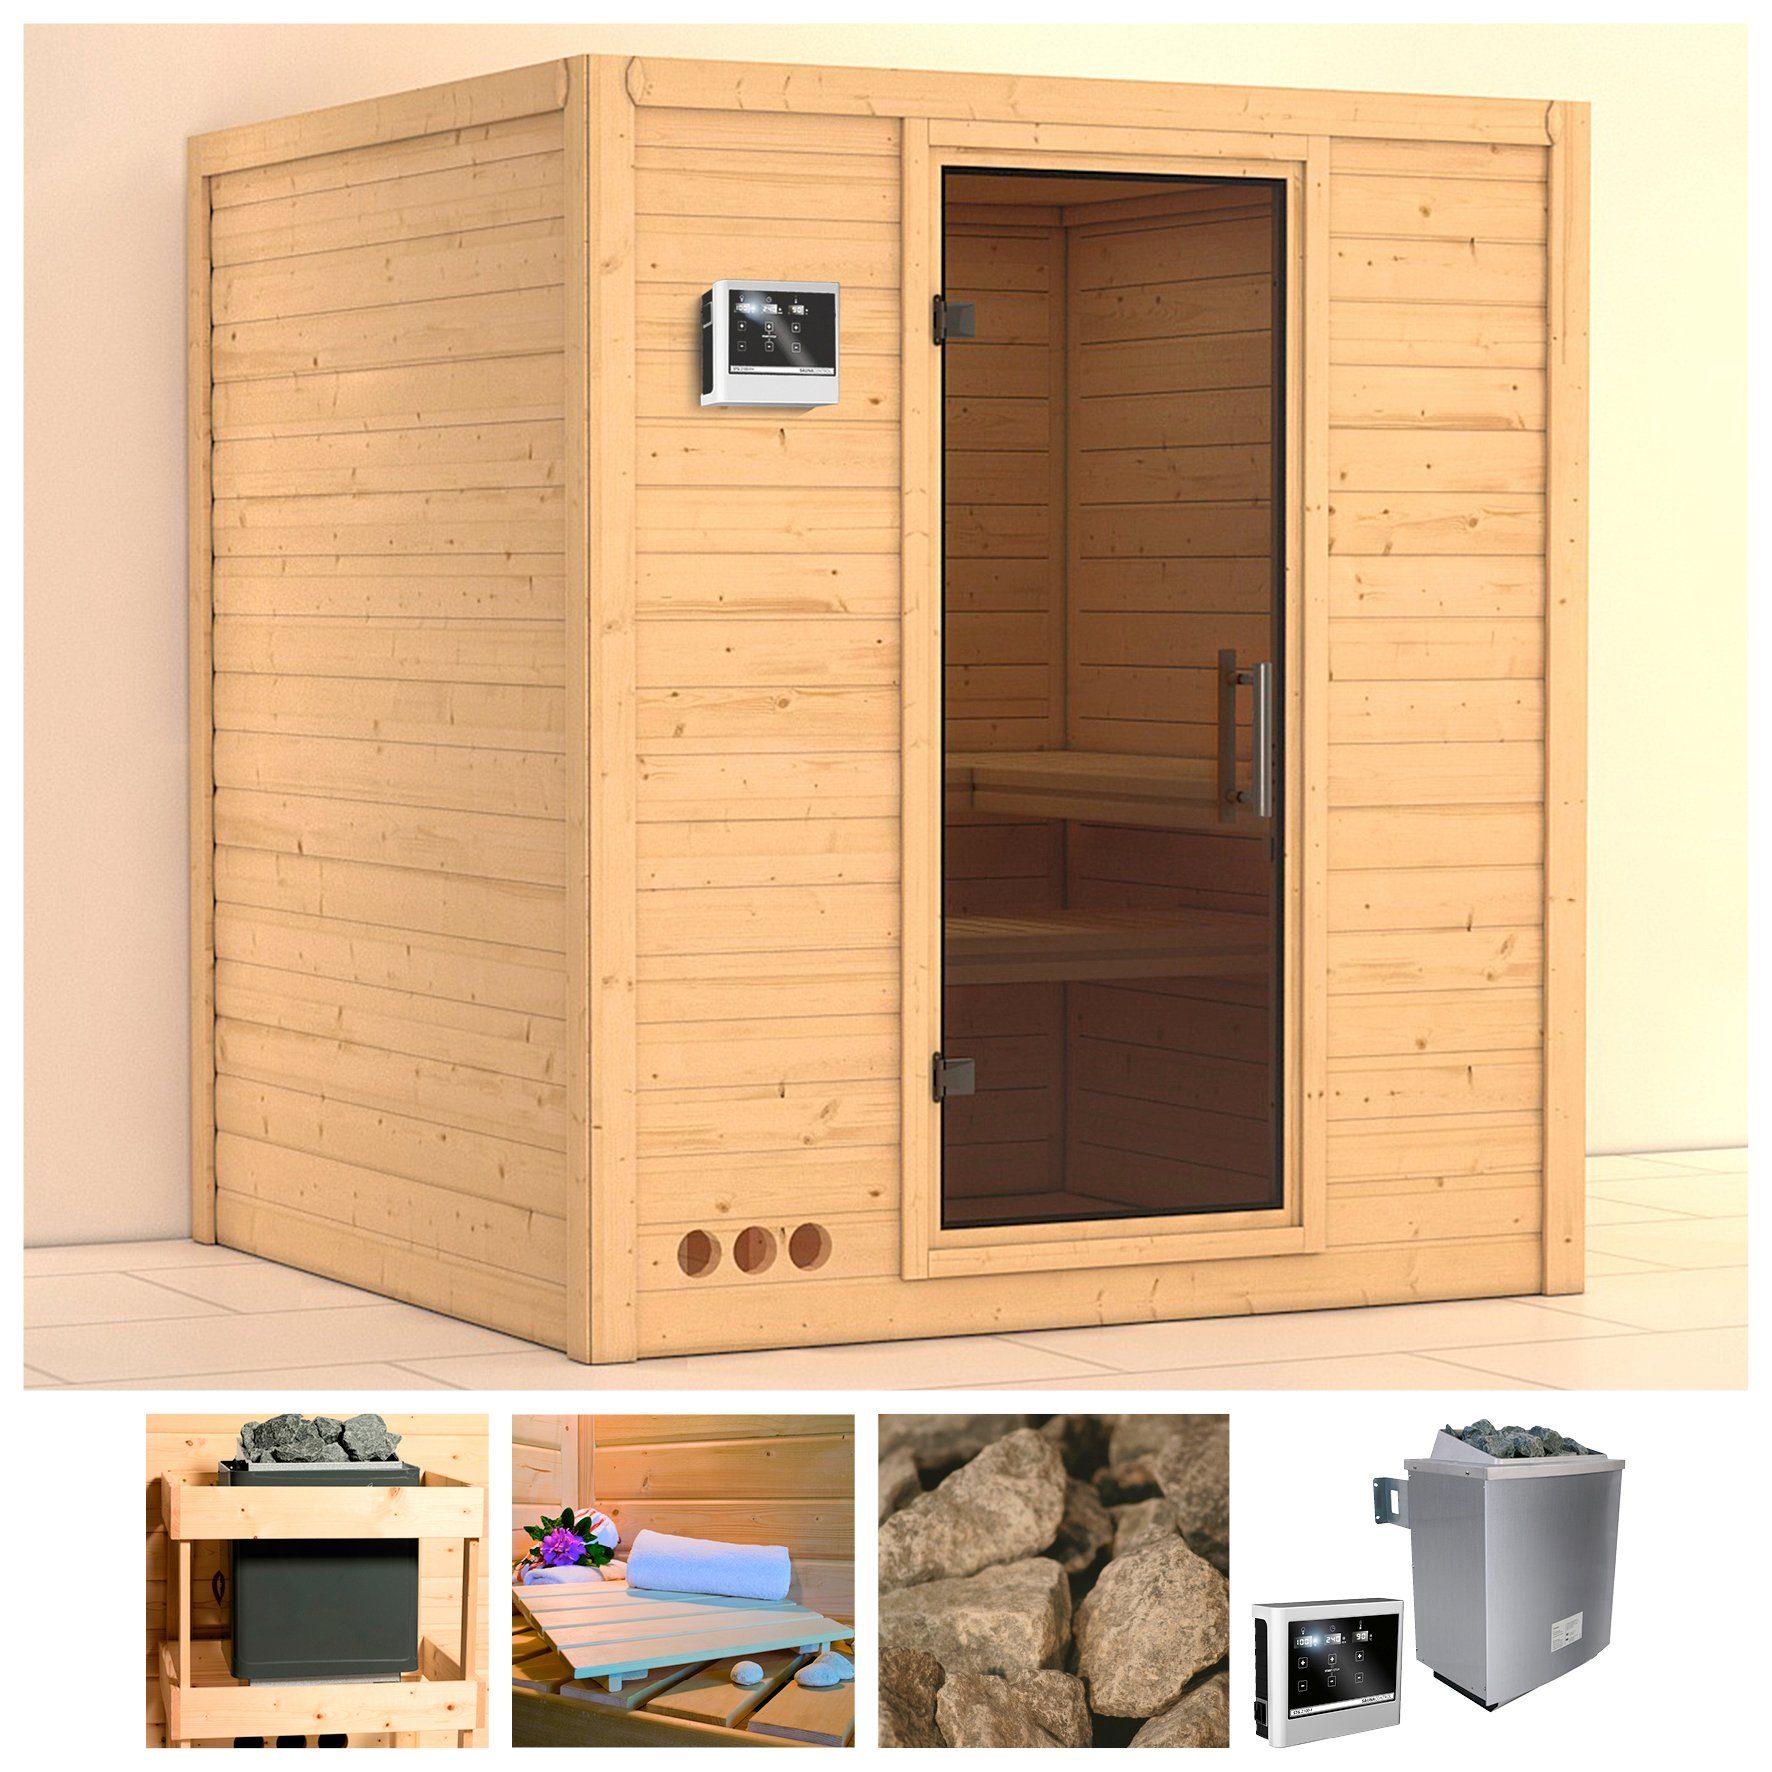 KONIFERA Sauna »Mojave«, 193/184/209 cm, 9-kW-Ofen mit ext. Steuerung, Glastür grafit